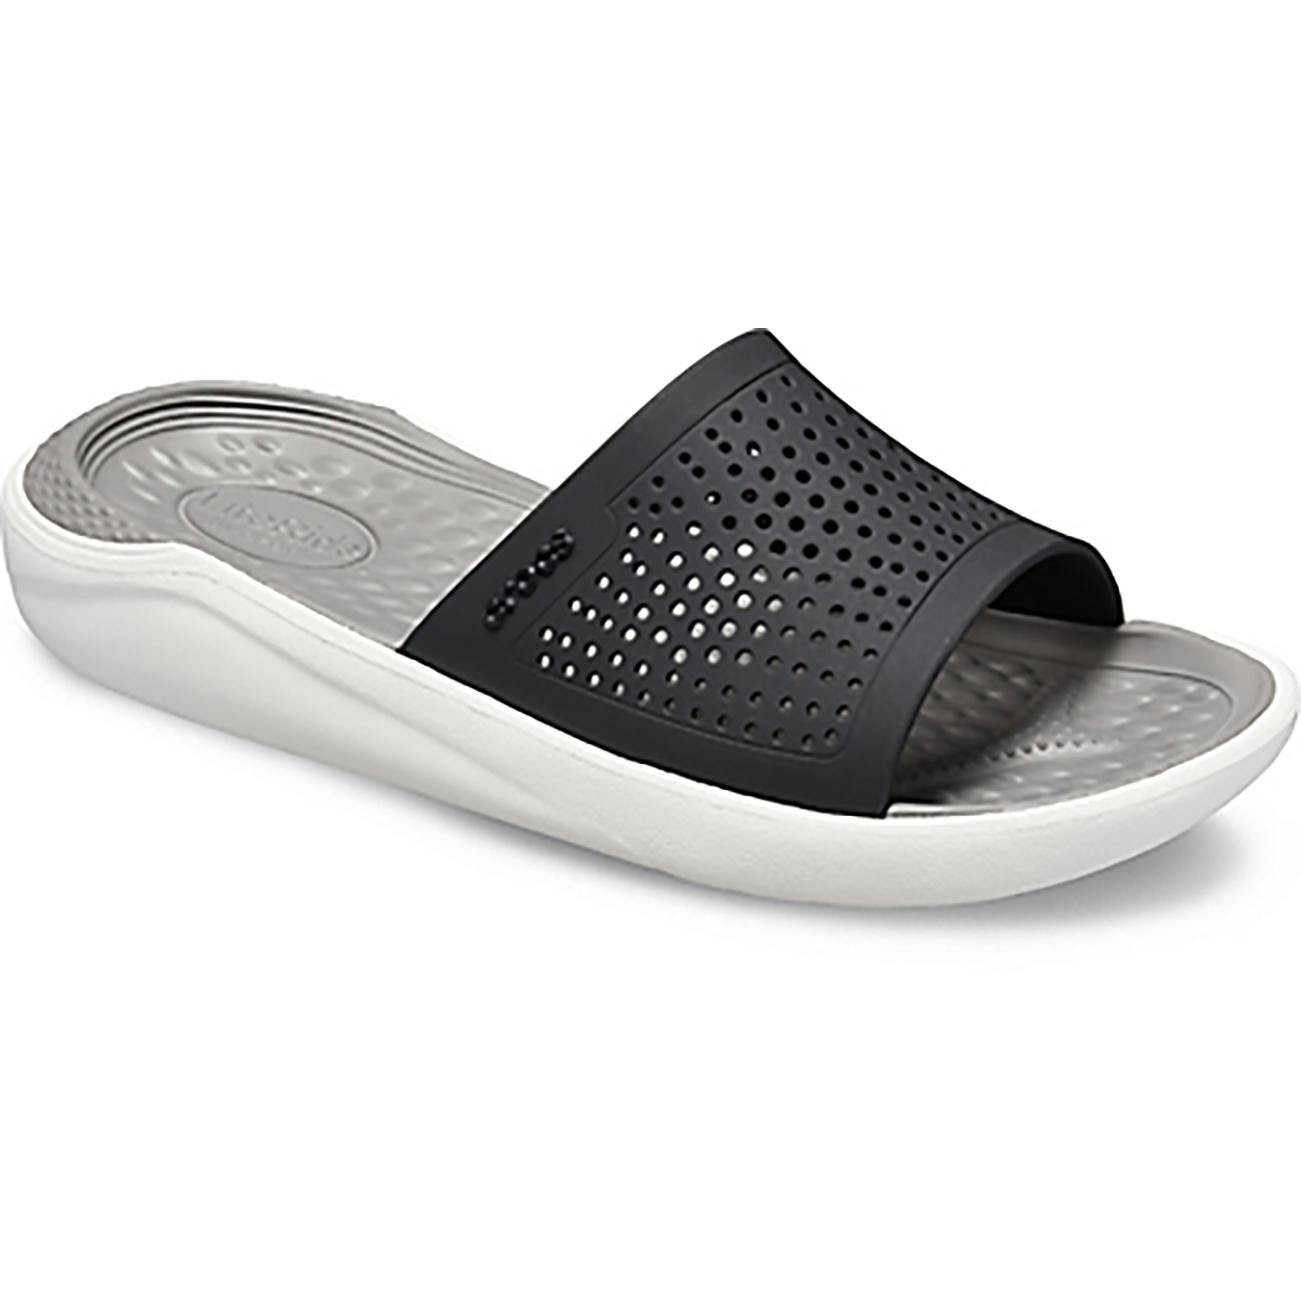 Unisex Adults Crocs LiteRide Slide